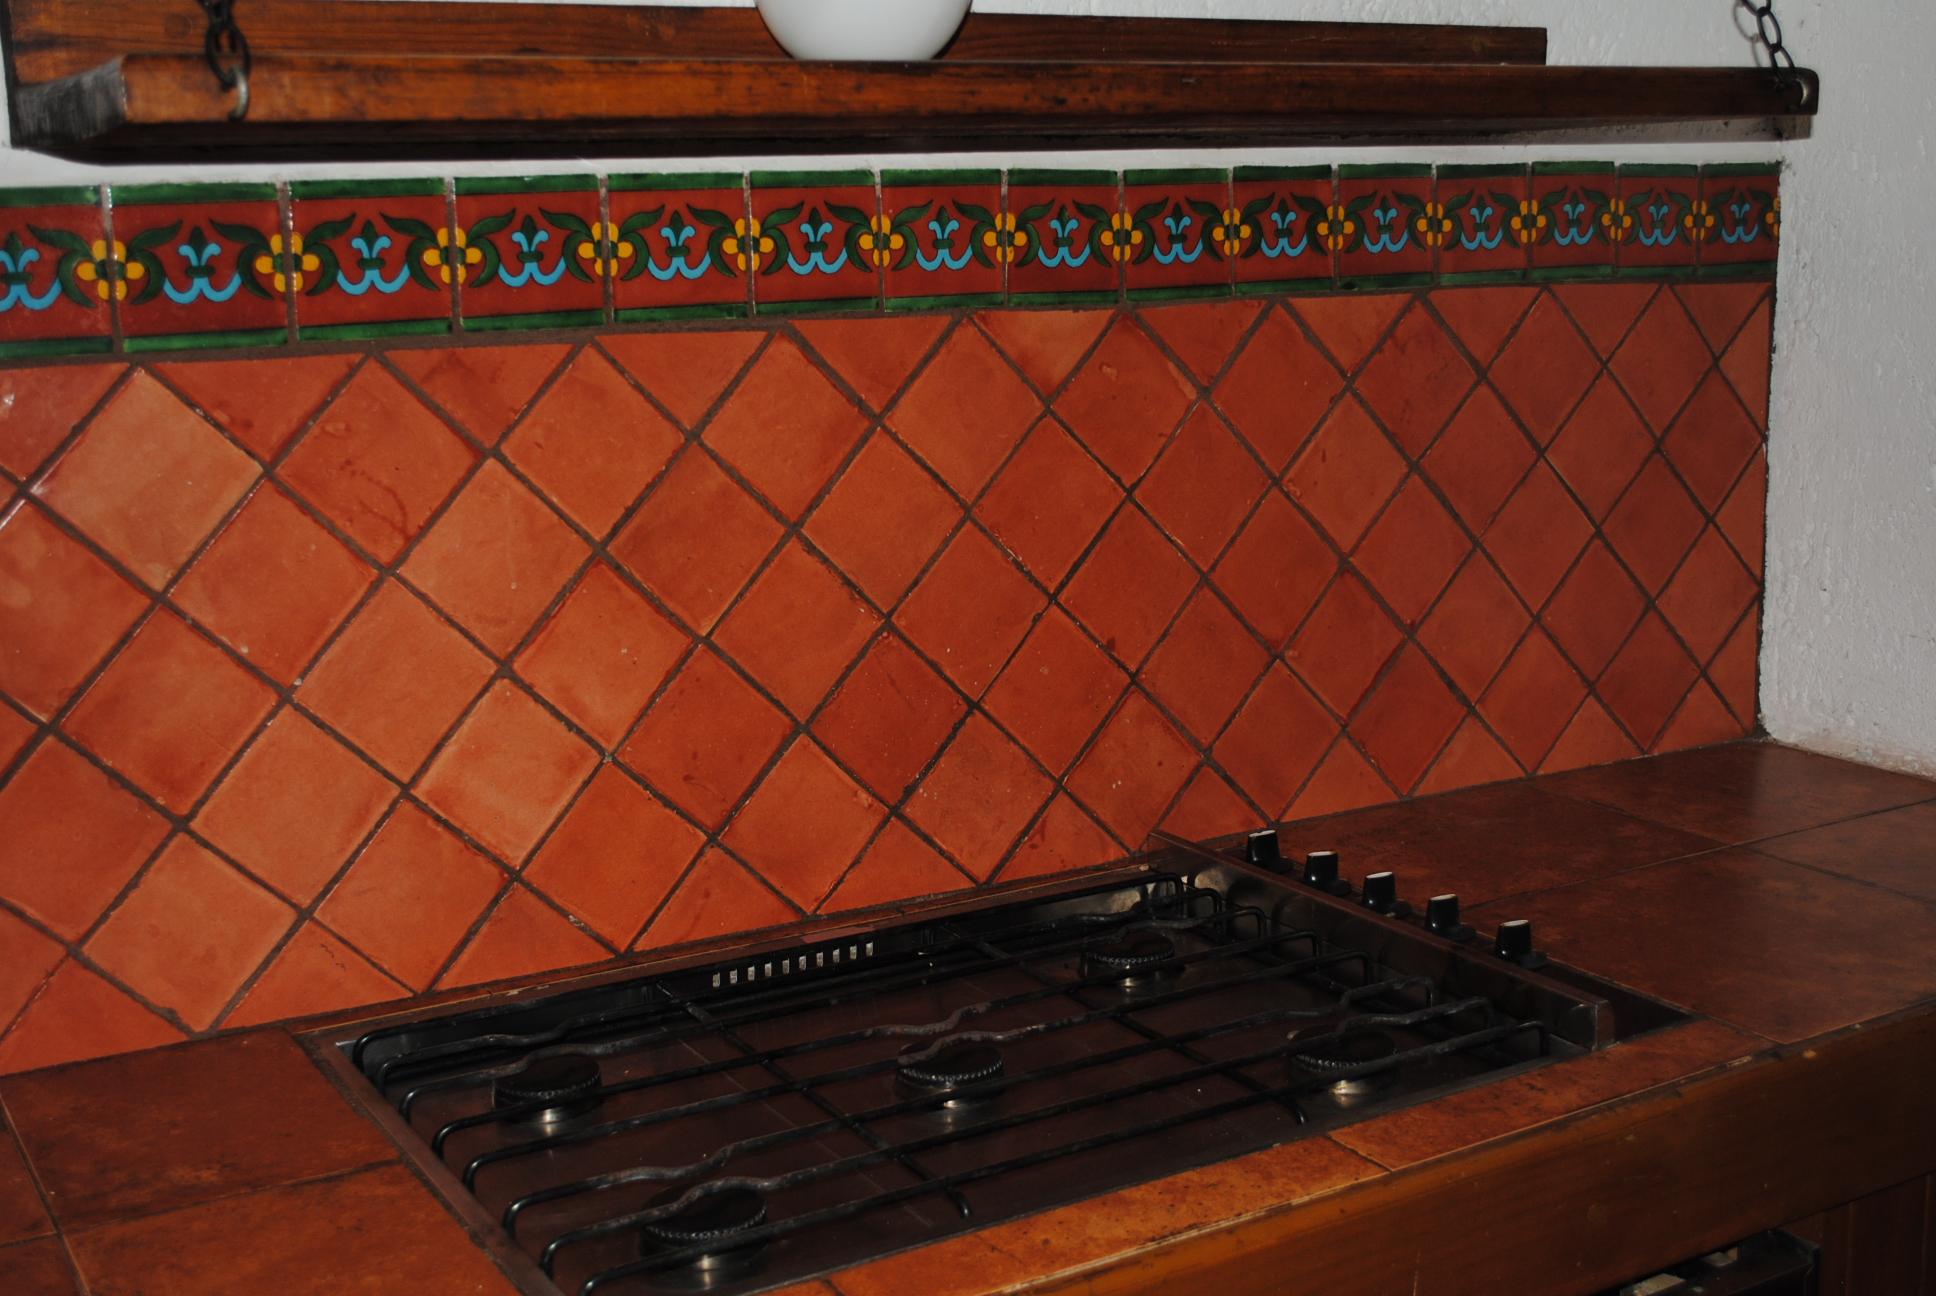 Cocinas mexicanas r sticos artesanales talavera - Azulejos rusticos para cocina ...